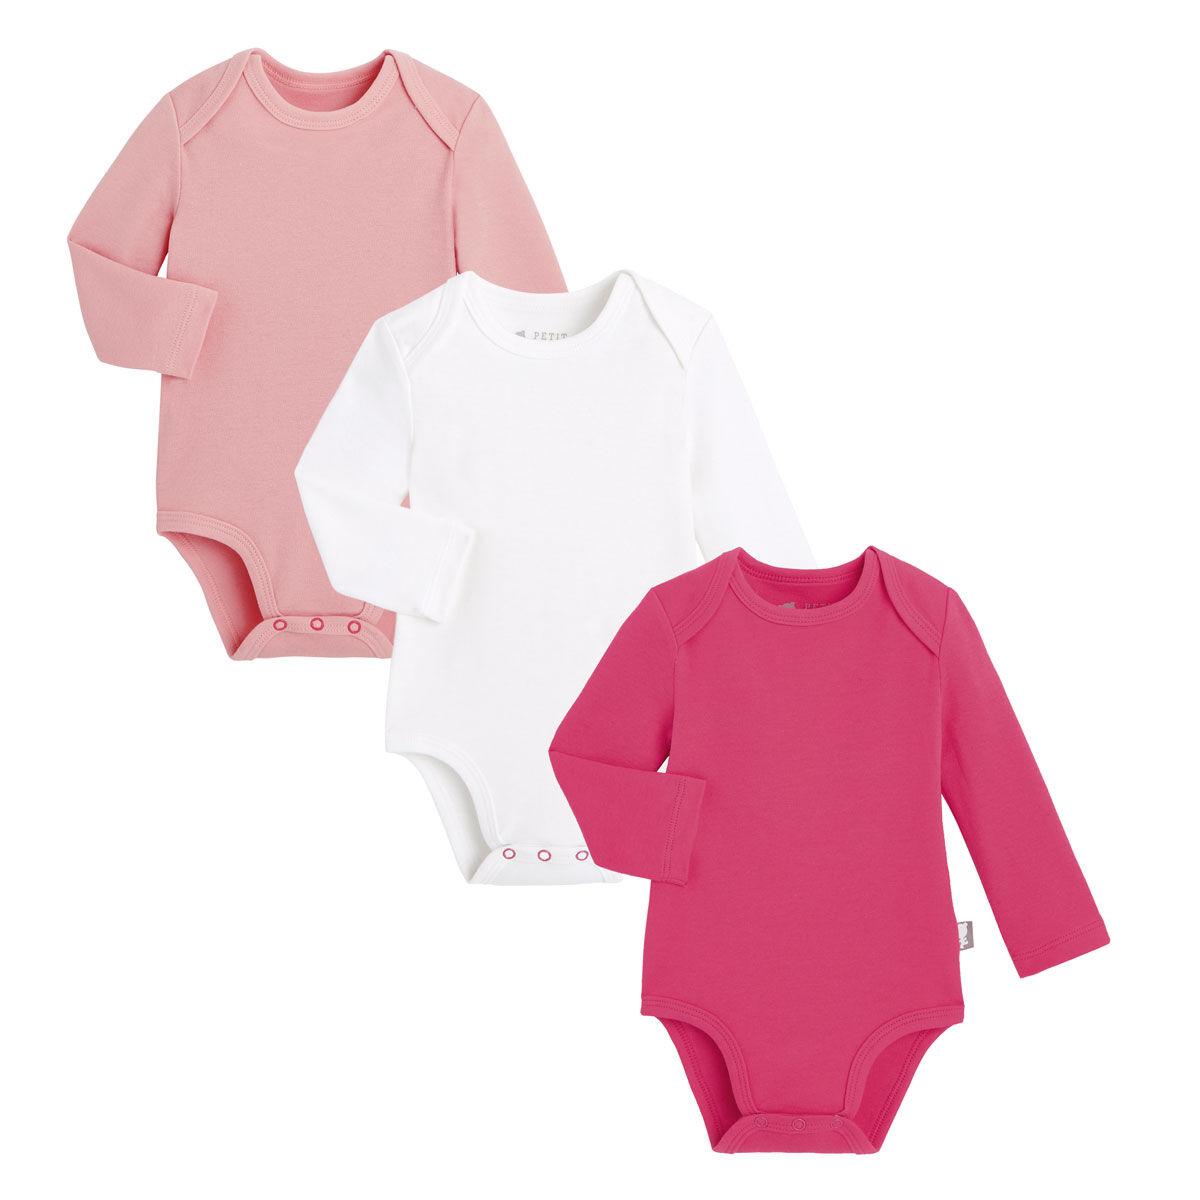 Petit Béguin Lot de 3 bodies bébé manches longues - Taille - 6 mois